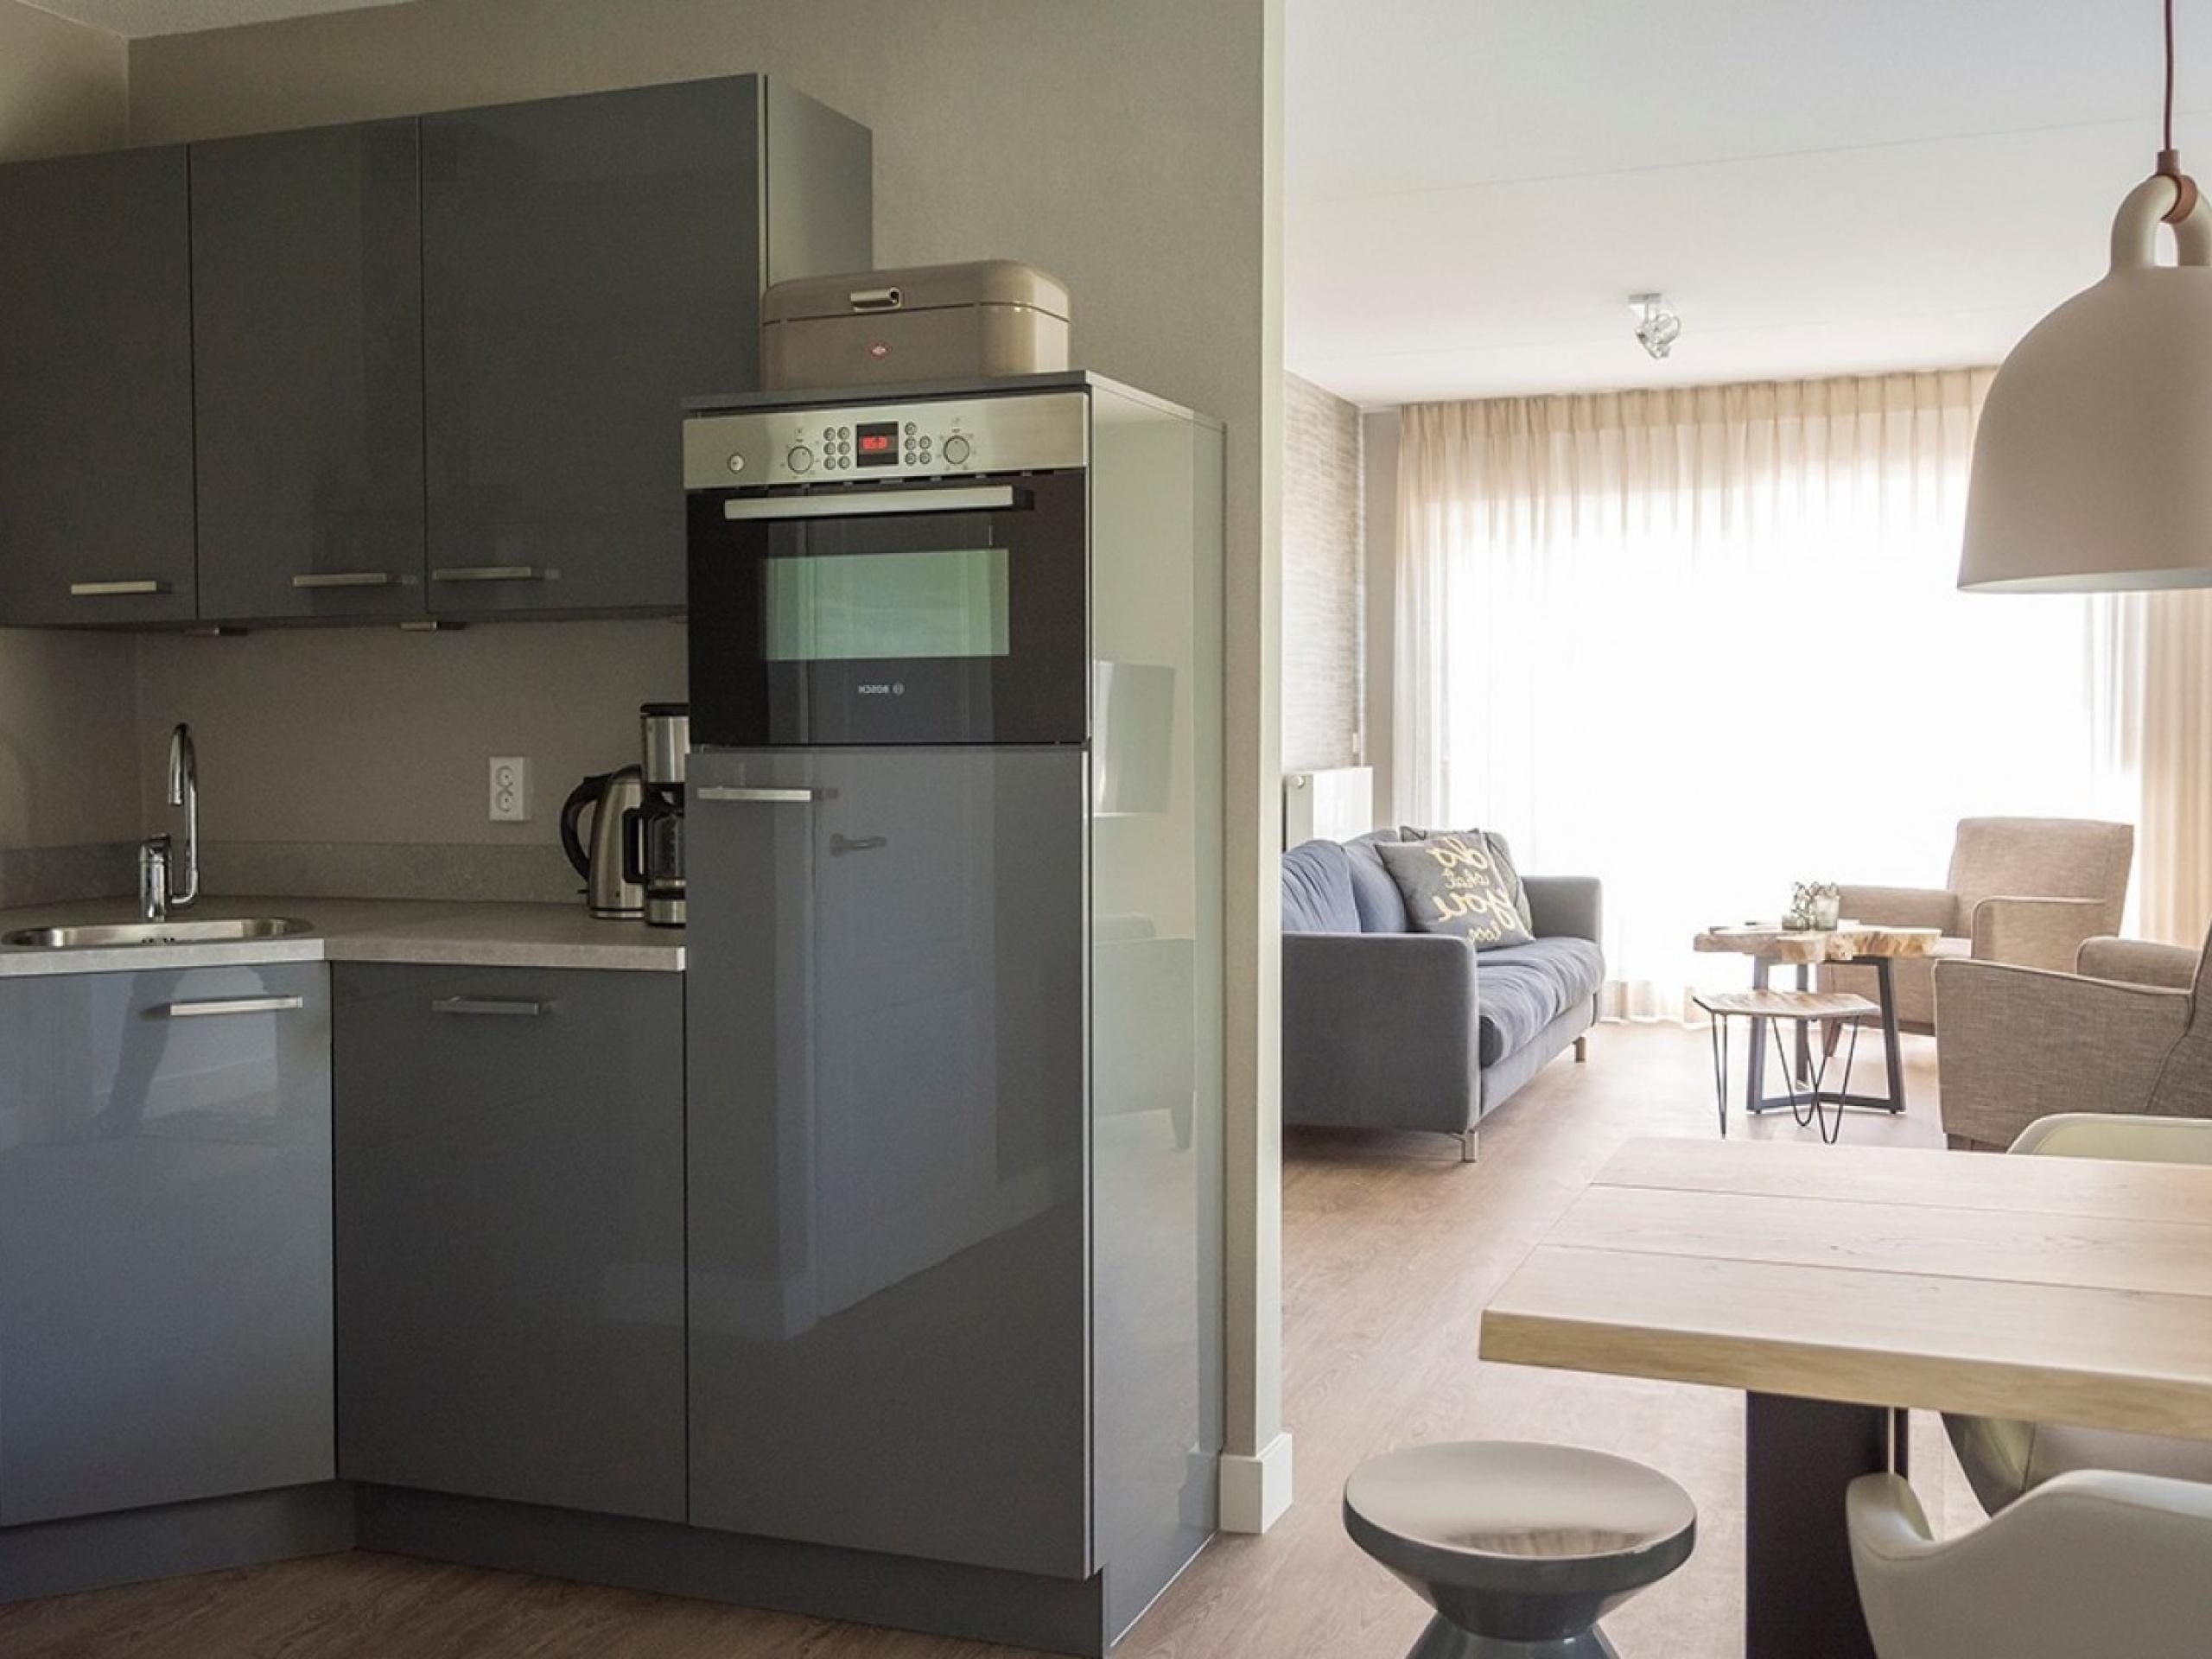 Apartment in spacious charming farmhouse near Krimbos